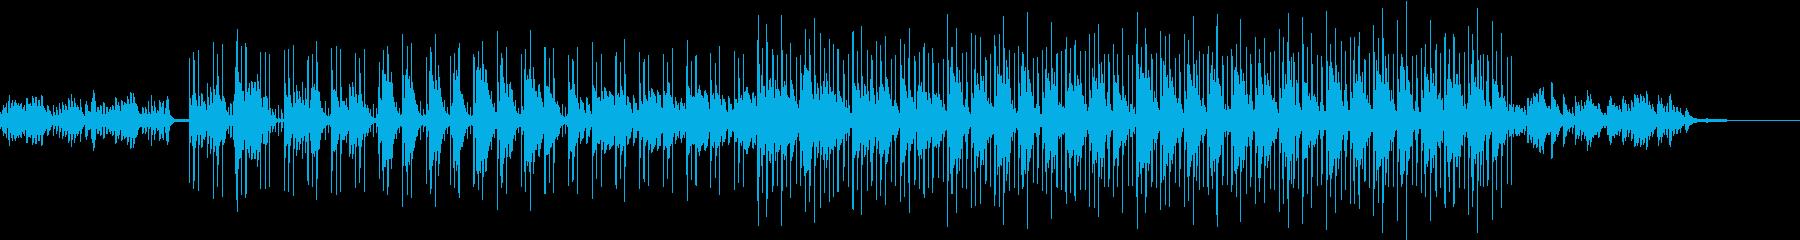 切ないピアノ旋律のエレクトロバラードの再生済みの波形